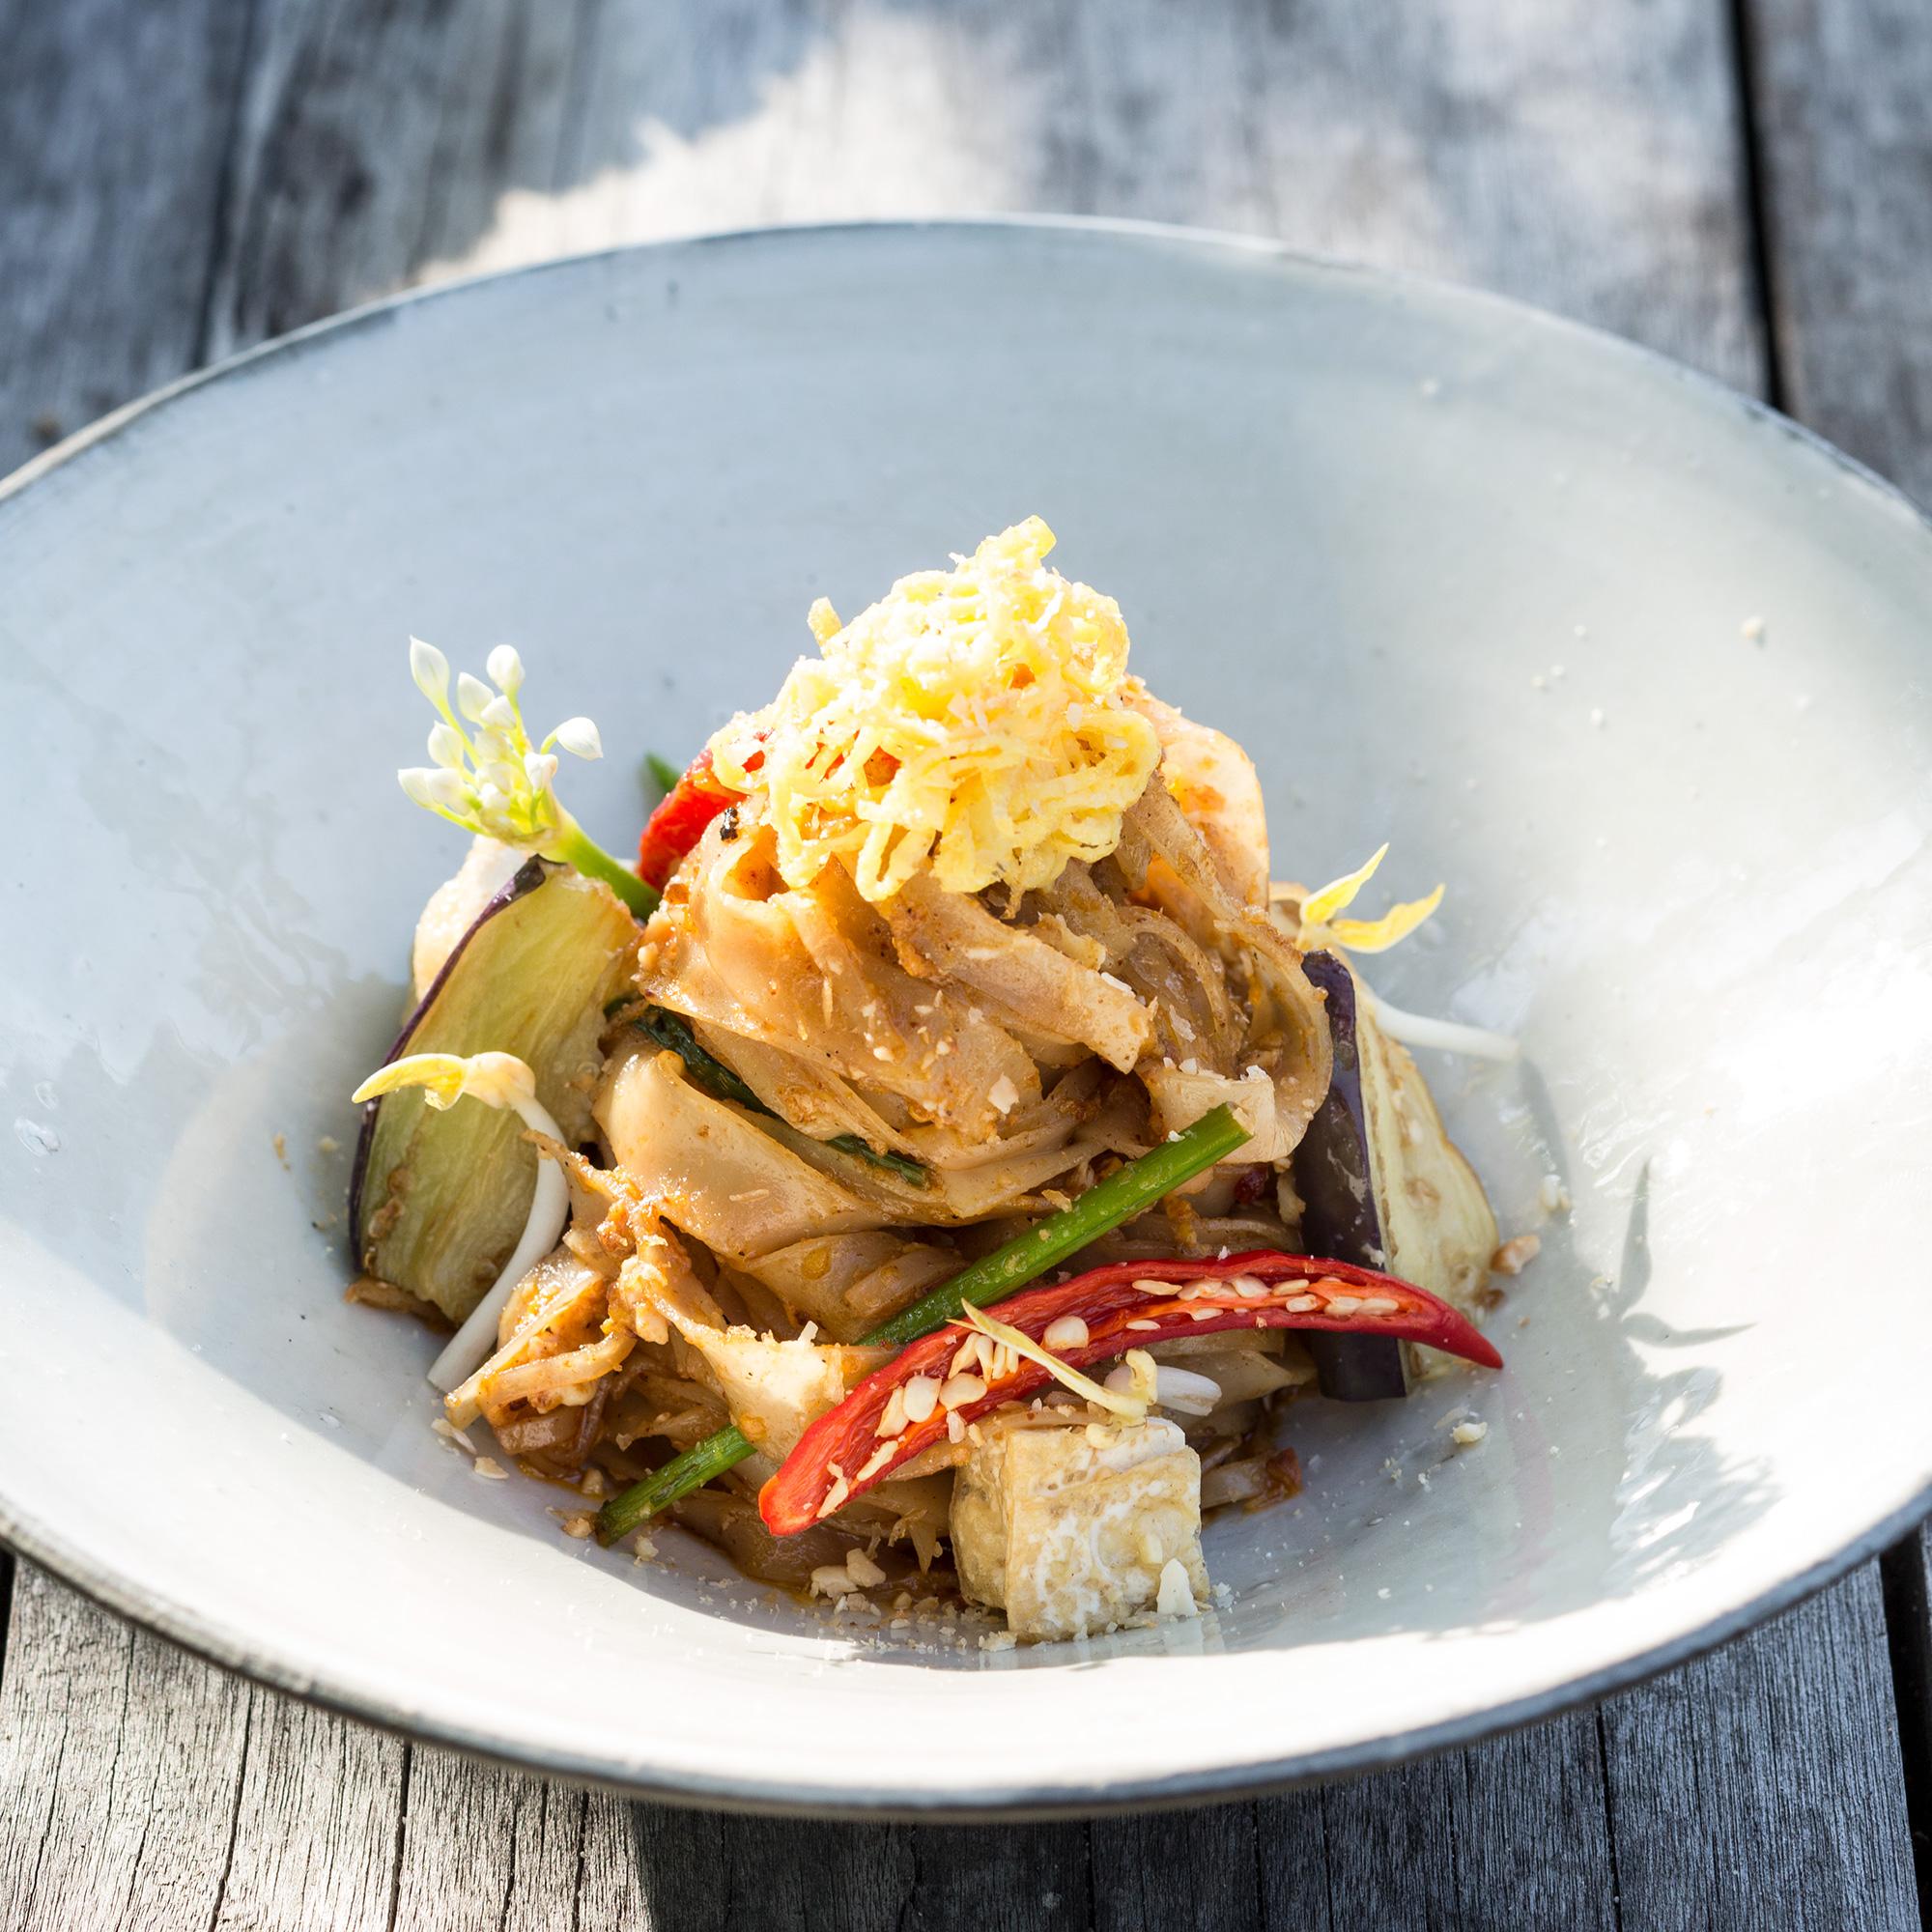 The Khmer Cuisine – Bowl